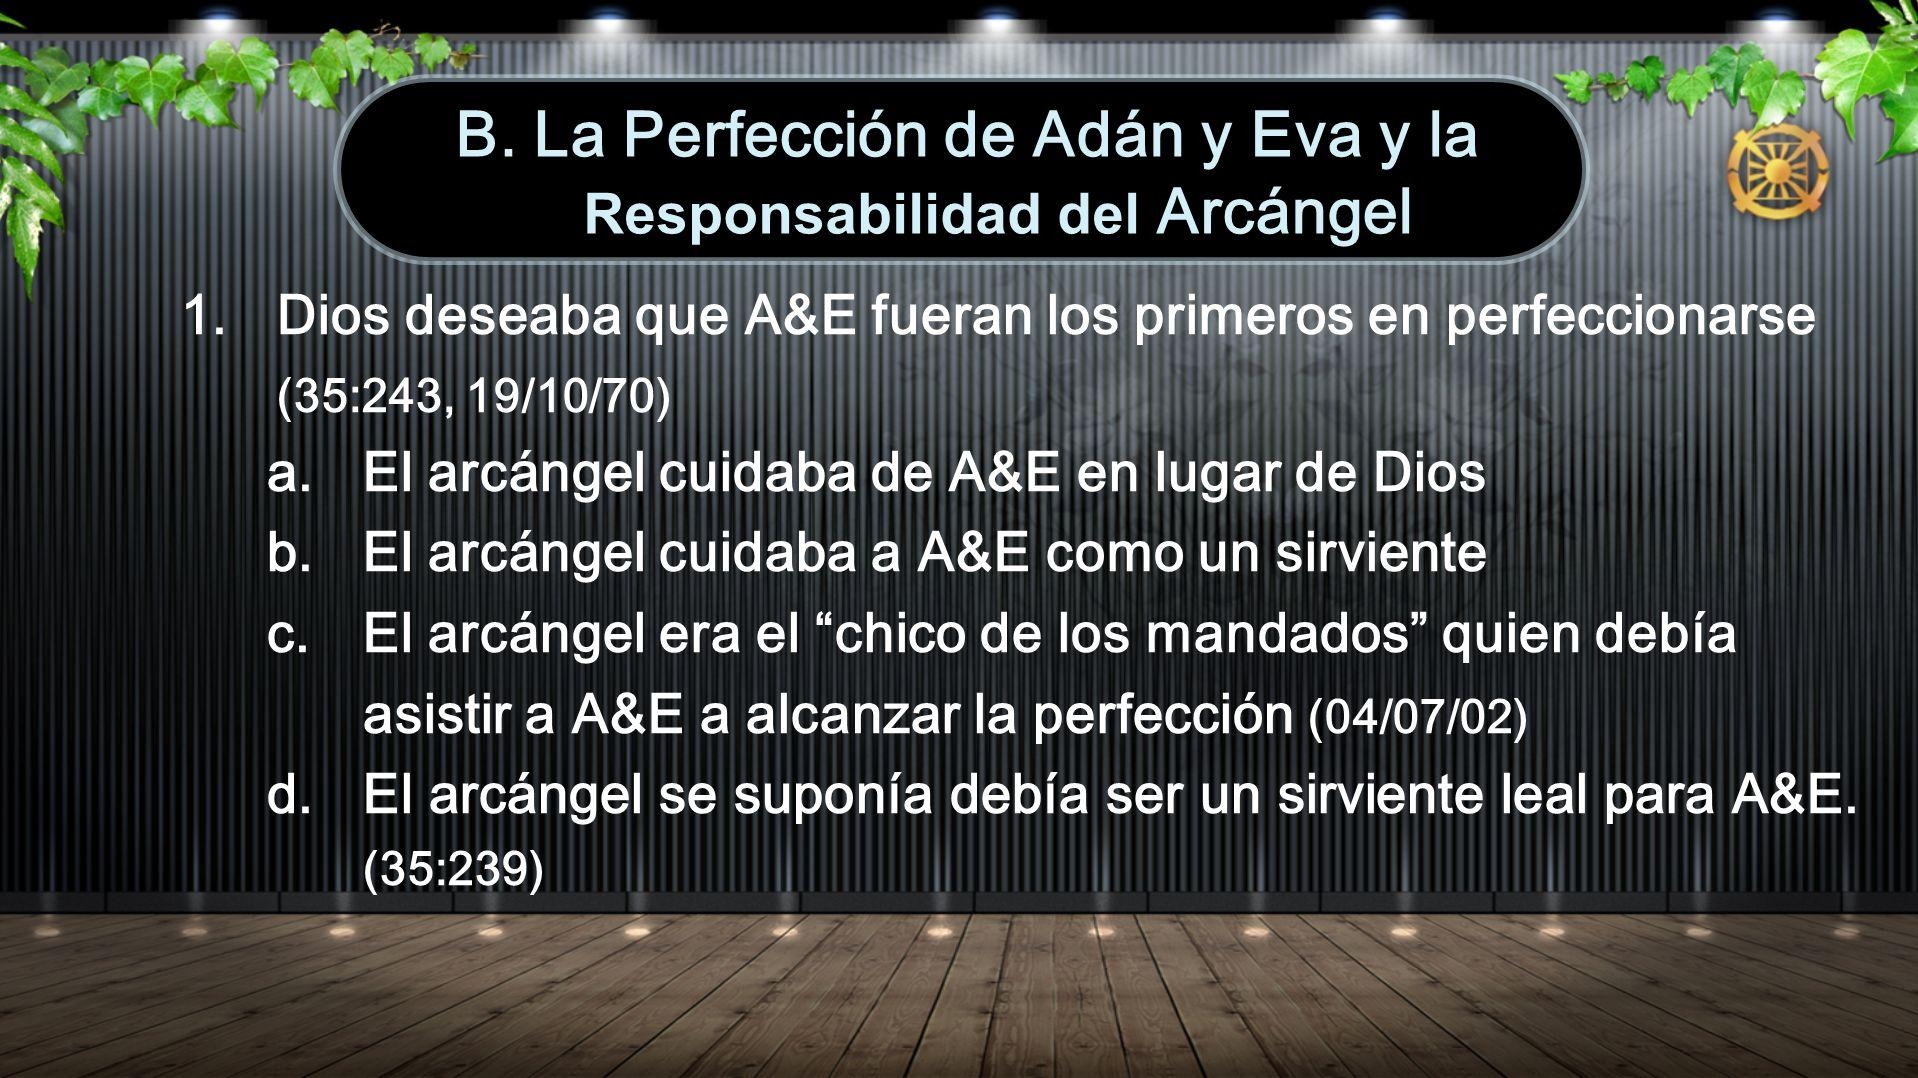 B. La Perfección de Adán y Eva y la Responsabilidad del Arcángel